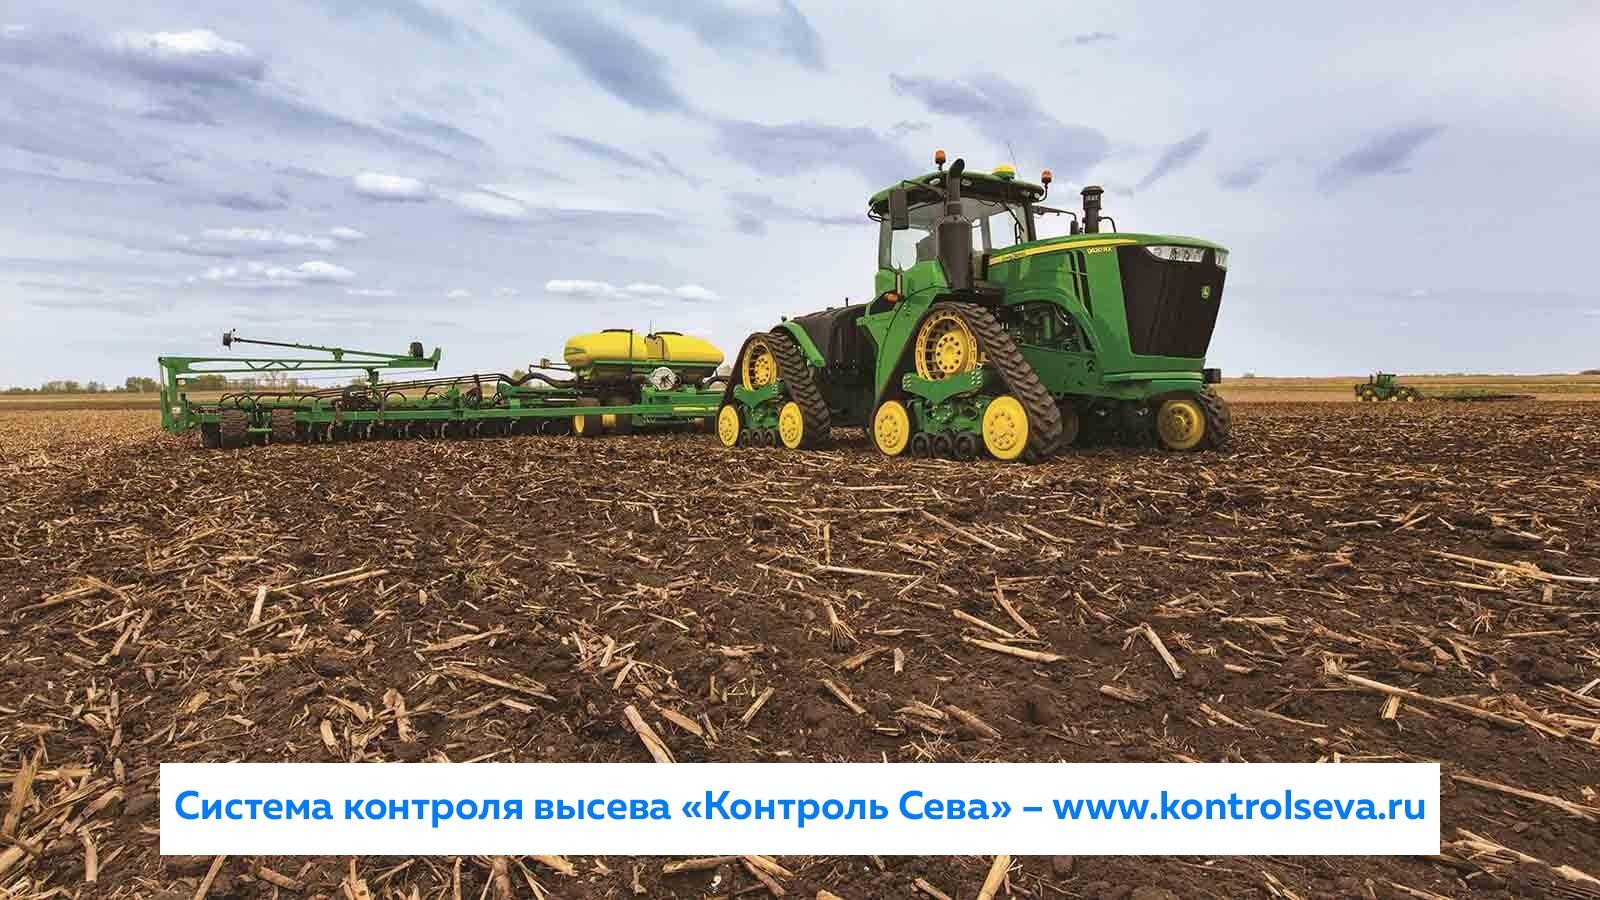 """Система контроля высева """"Контроль сева"""" г. Волгоград"""